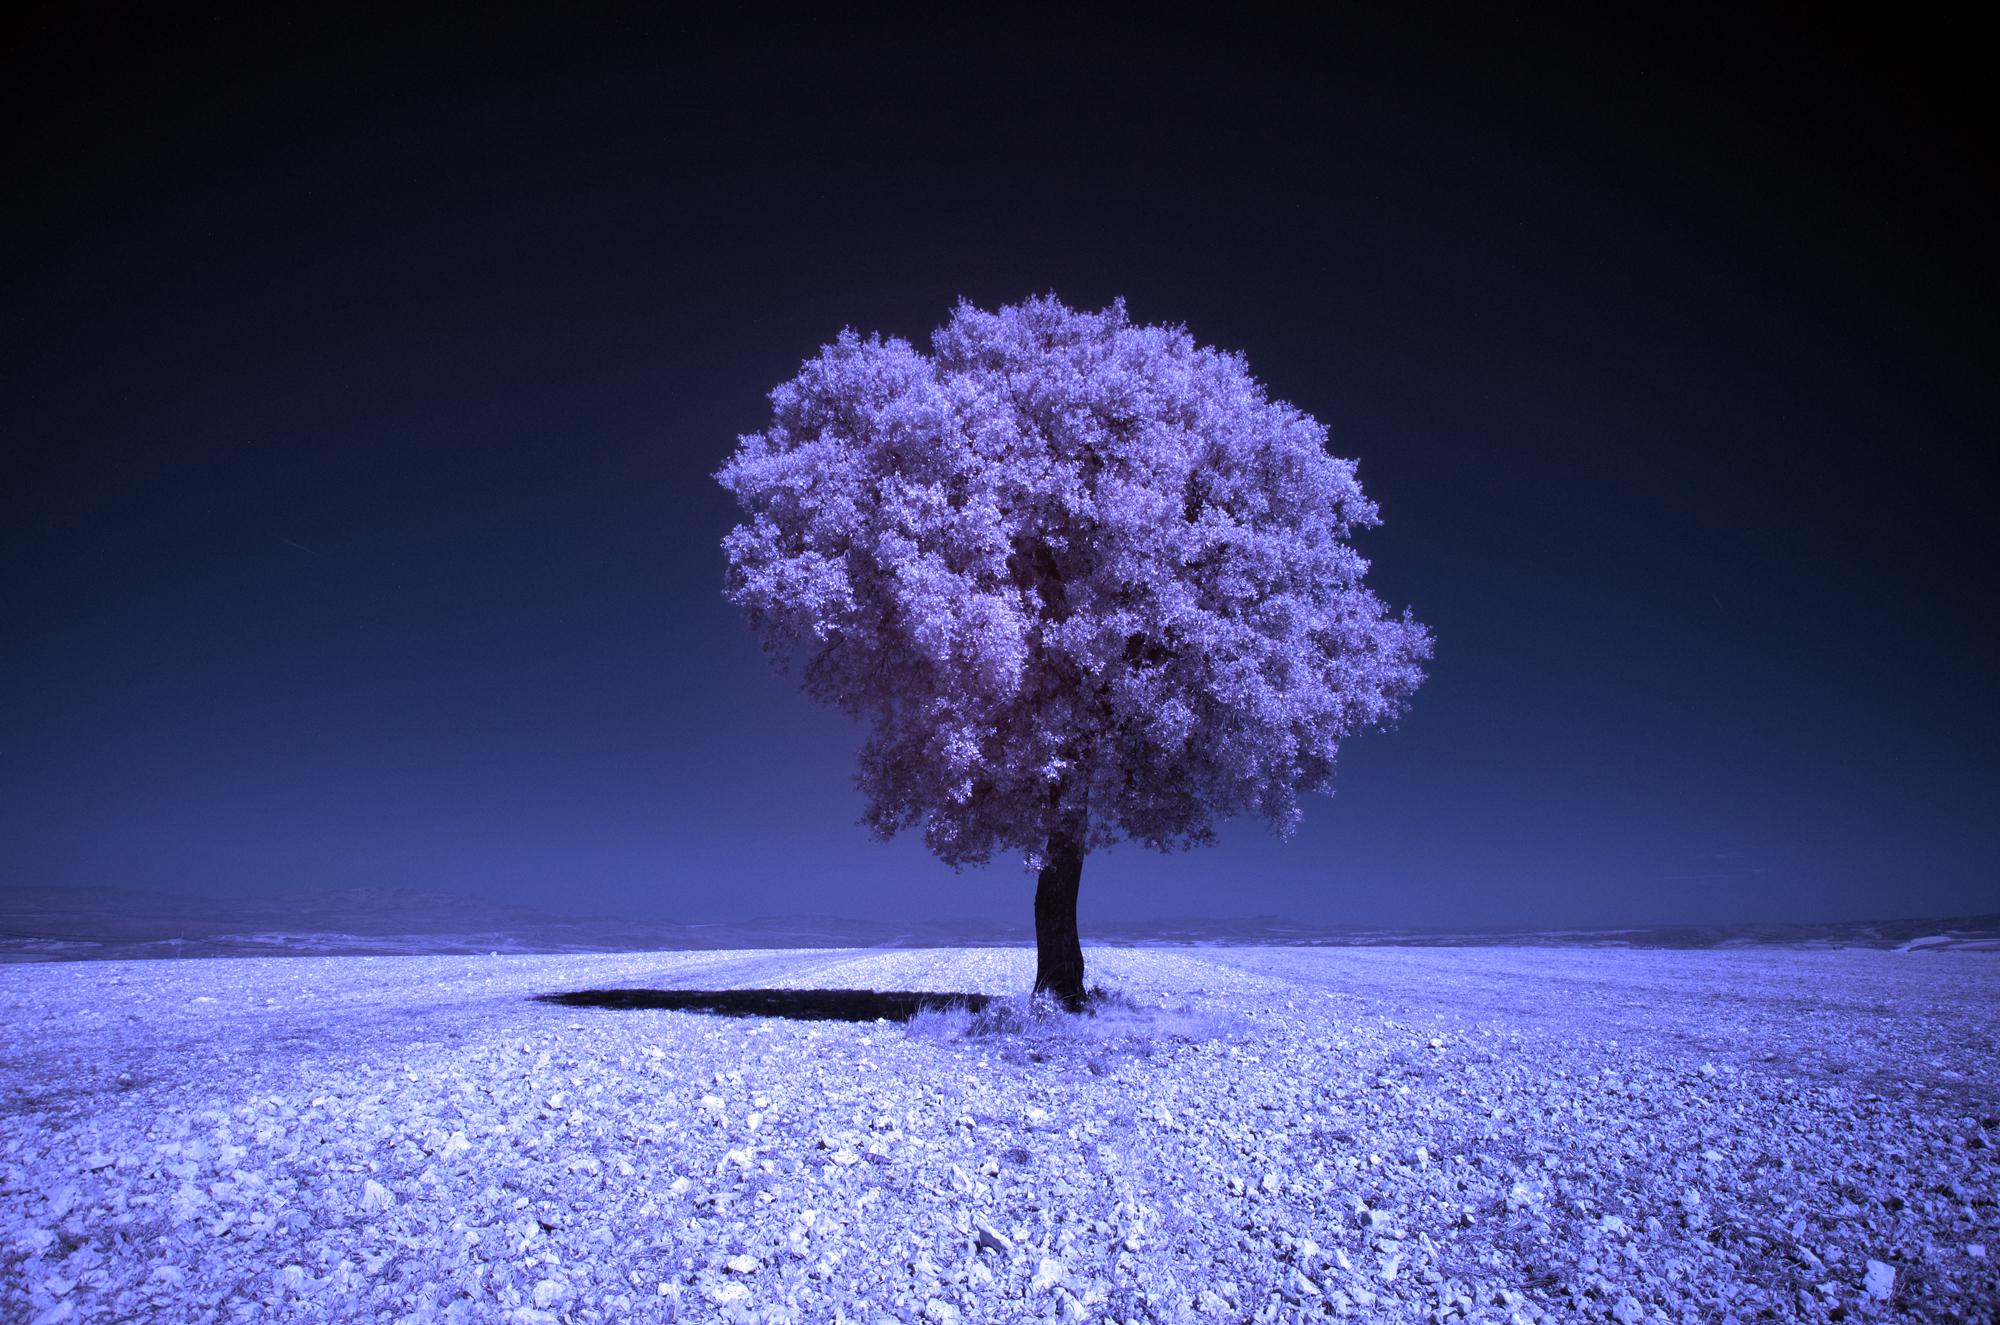 Как превратить пейзажное фото в сюрреалистическое инфракрасное изображение - 5a